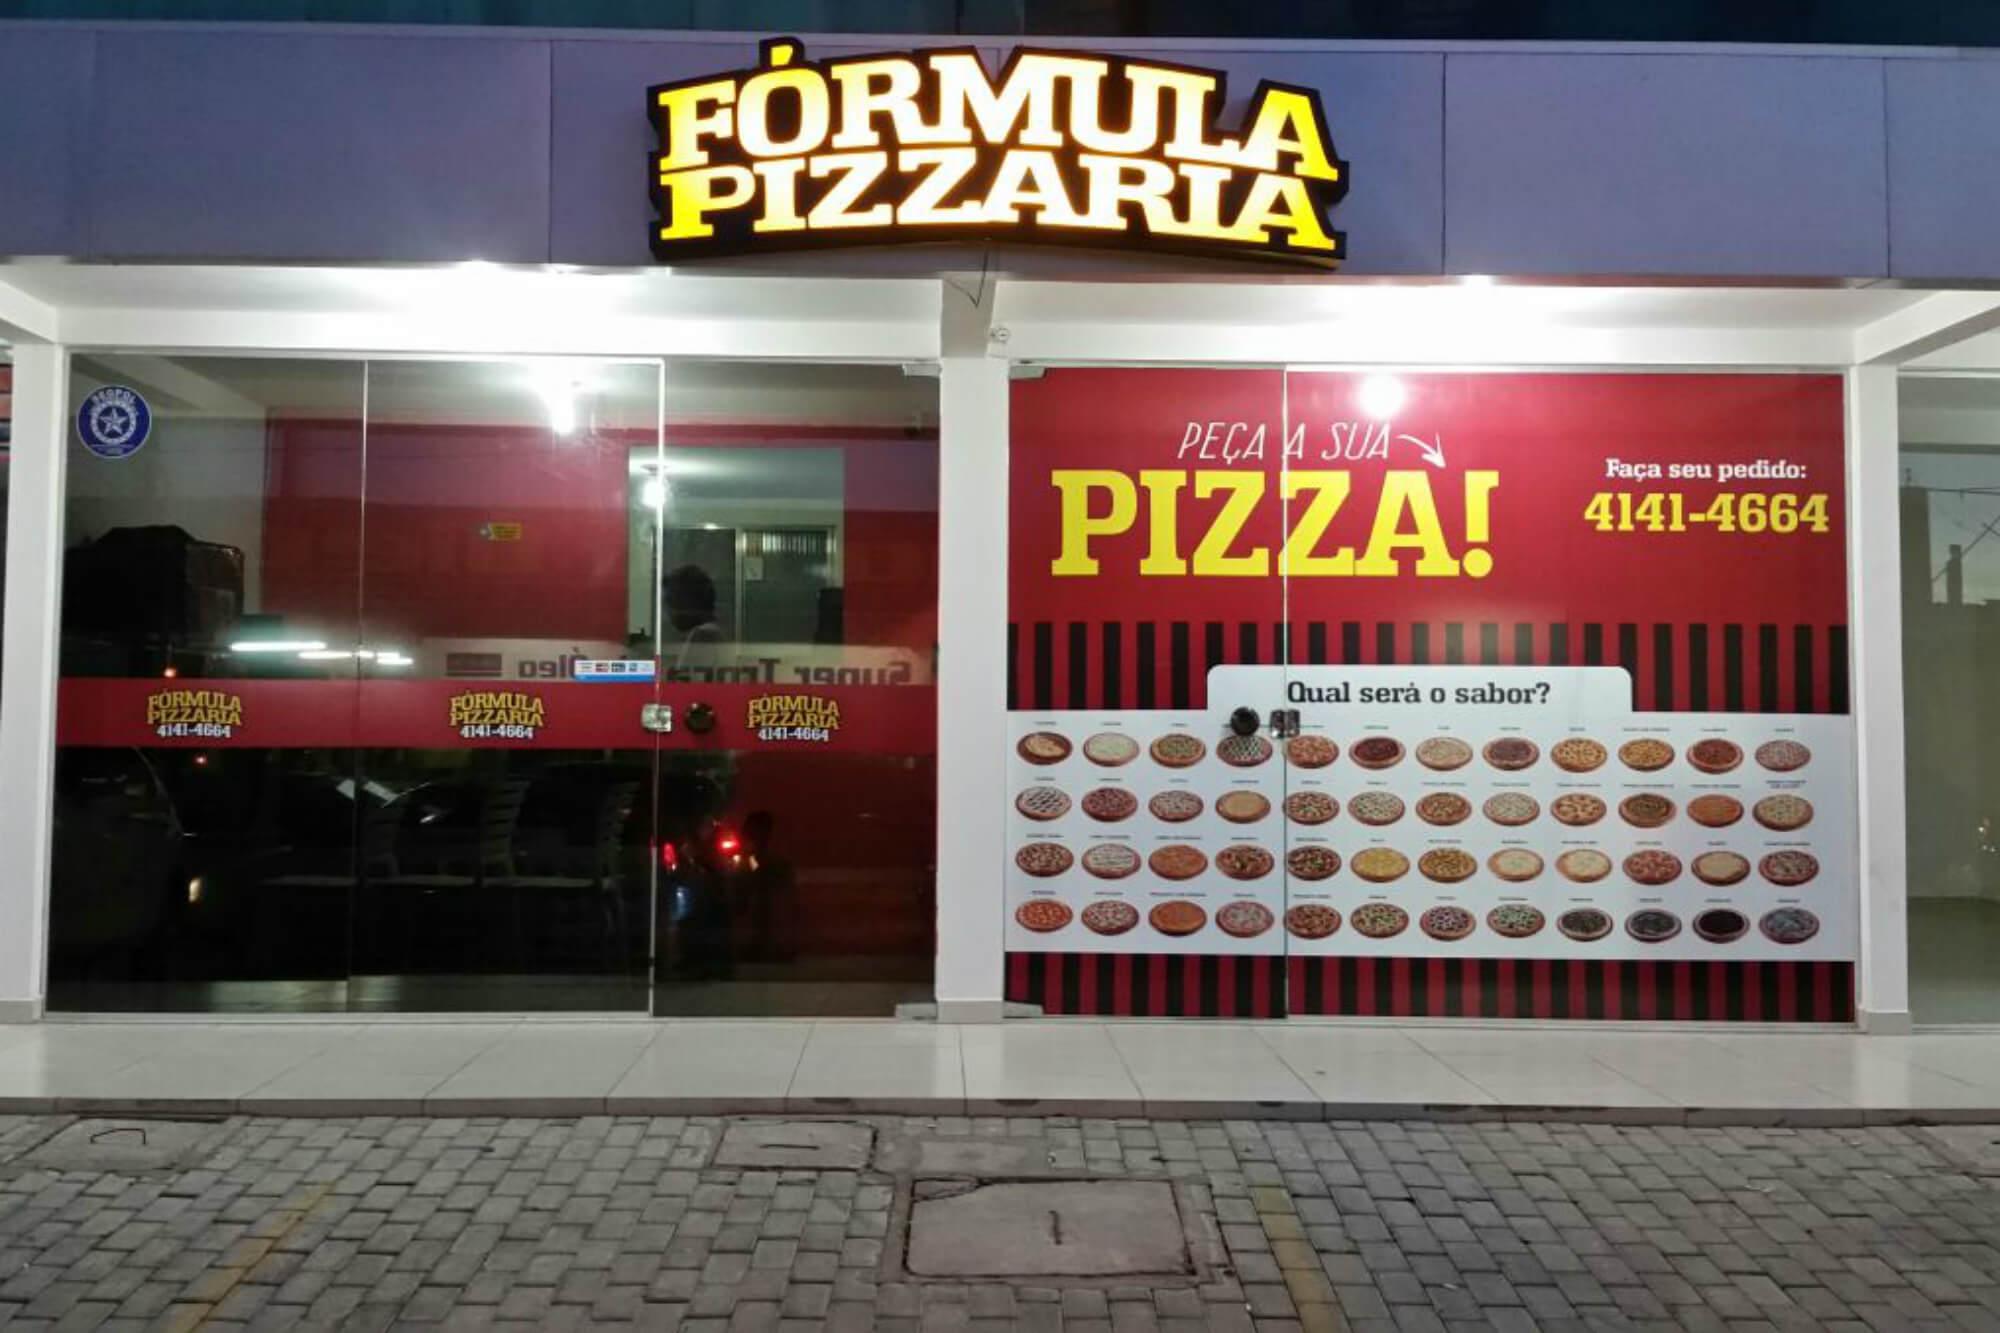 Fórmula Pizzaria ponto comercial de uma franquia de pizzaria